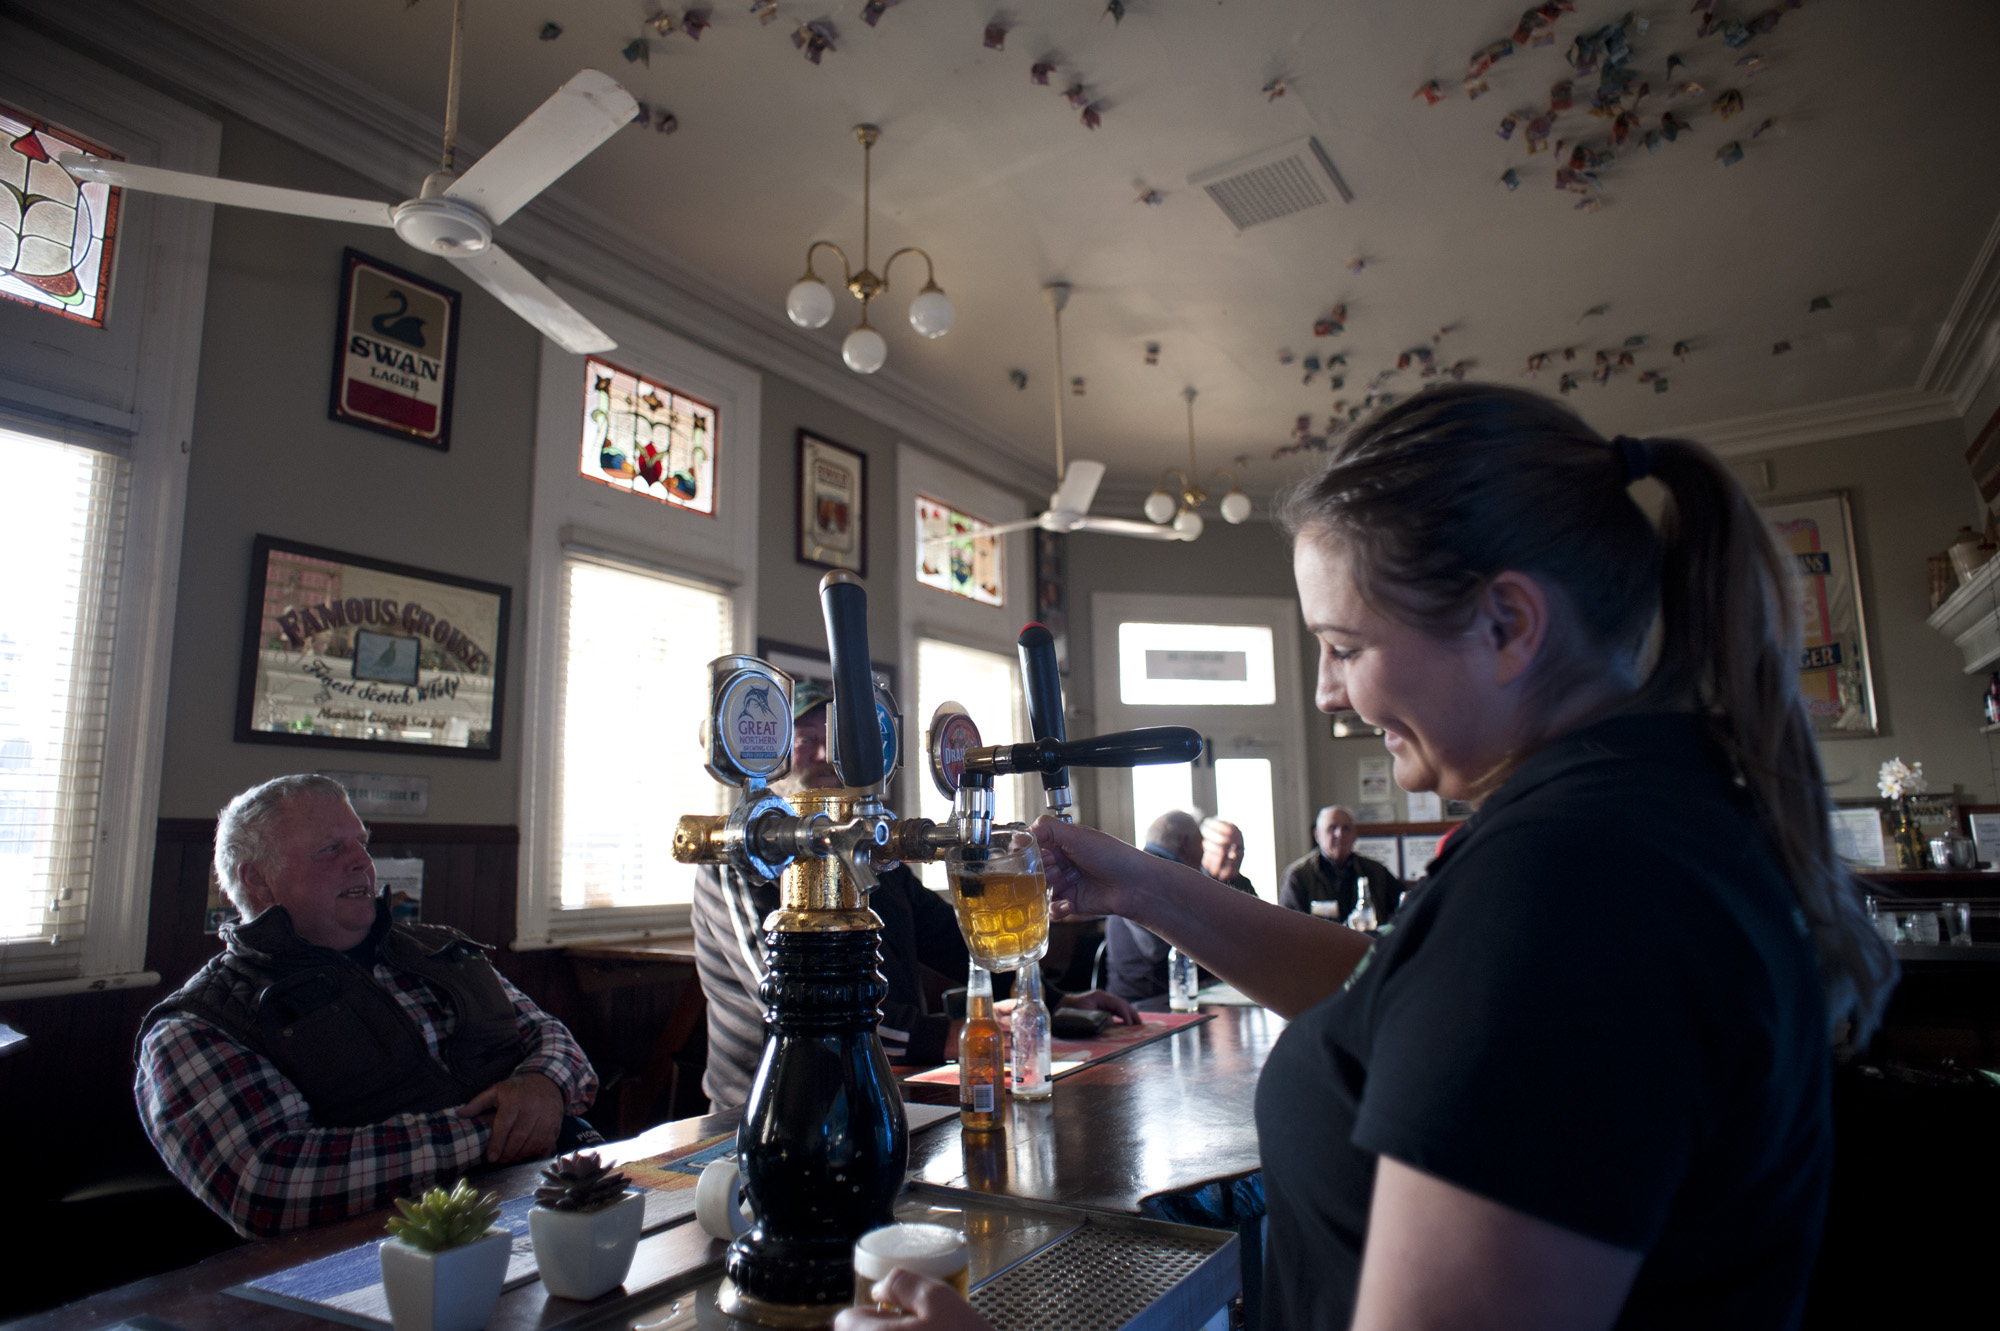 bar maid RiaAnne pouring beers.jpg